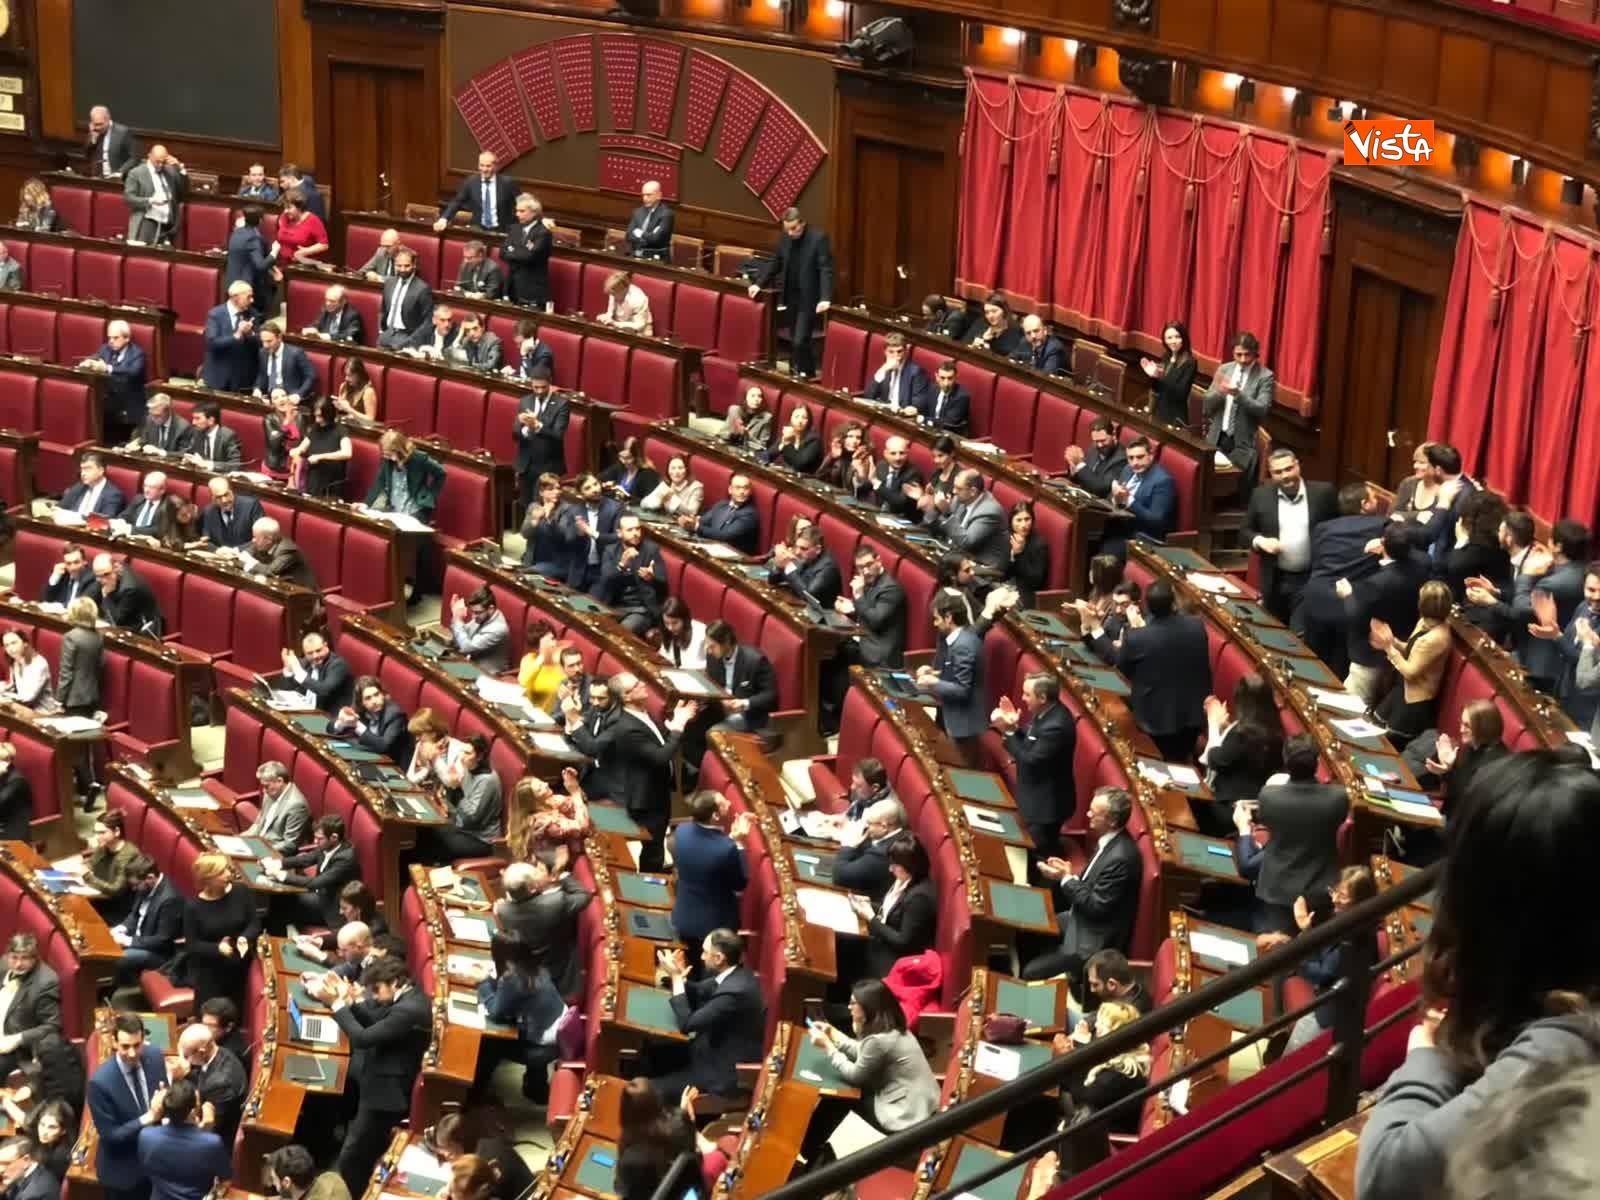 07-02-19 Tria parla in aula, interrotto risponde a un deputato stai zitto e scoppia la bagarre_05